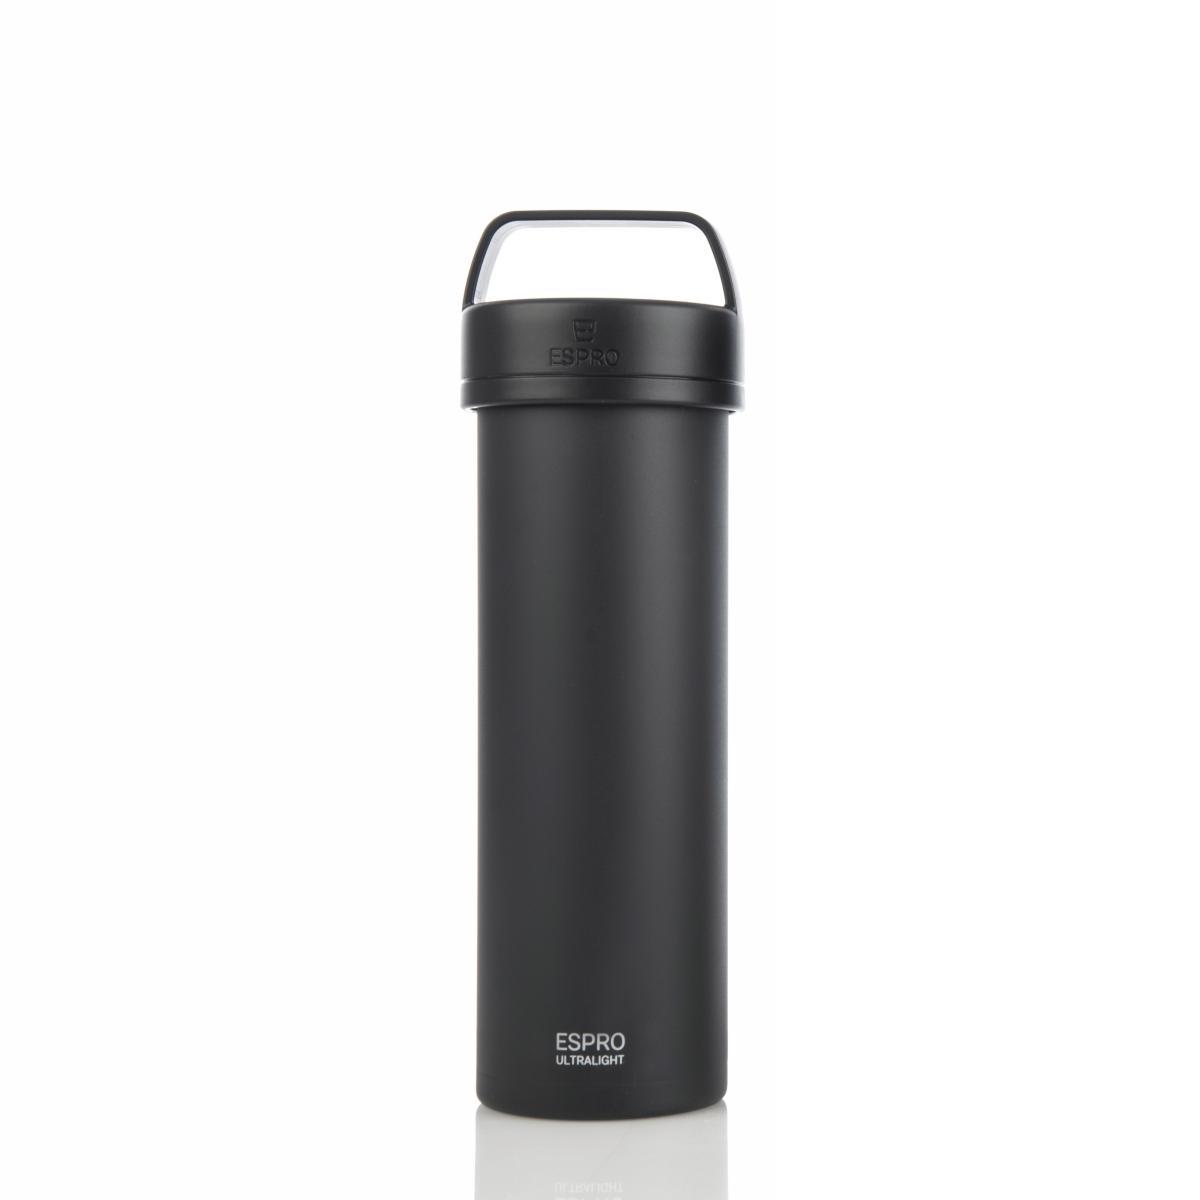 ESPRO Ultralight Kaffeezubereiter / Isolierflasche 475ml Edelstahl schwarz